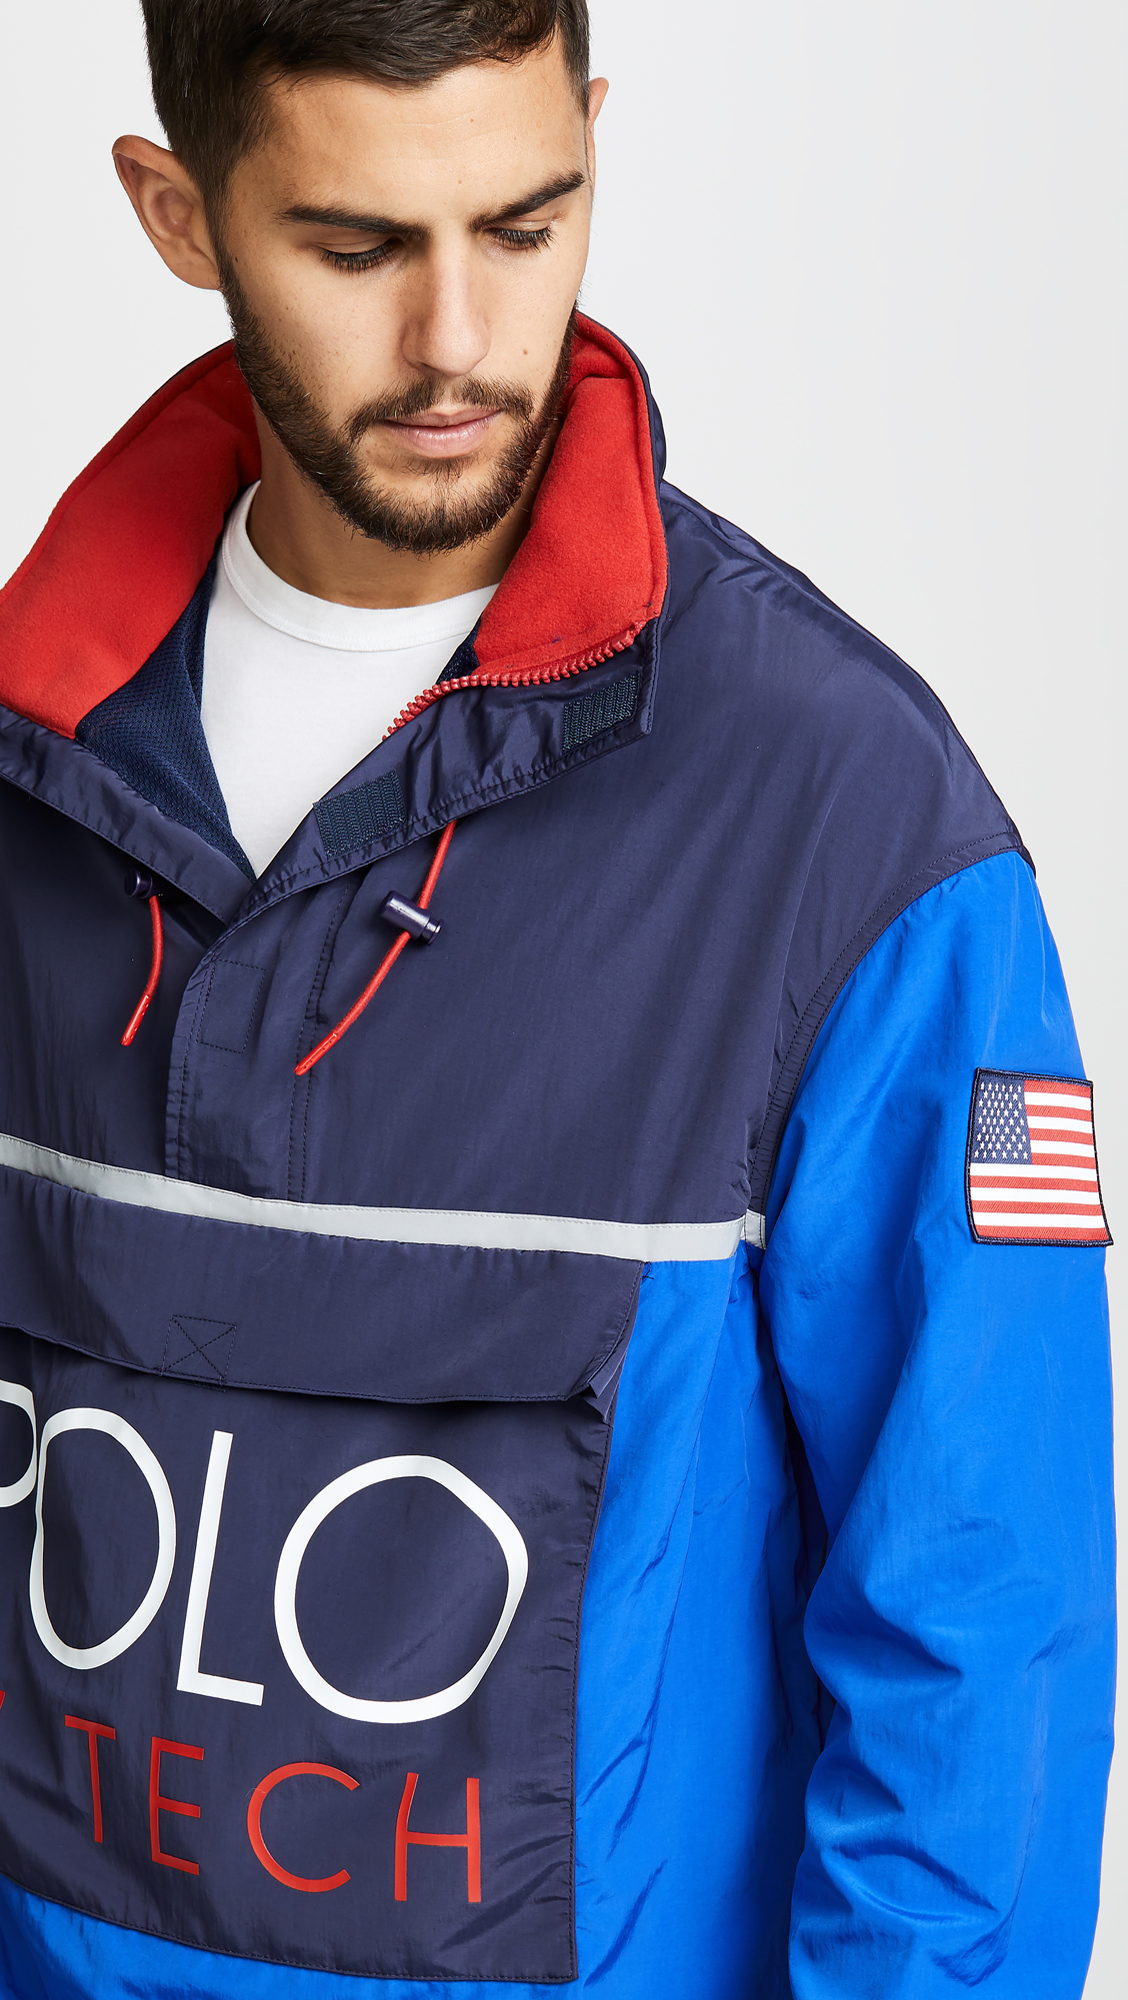 133dfc2c7 Polo Ralph Lauren Hi Tech Pullover